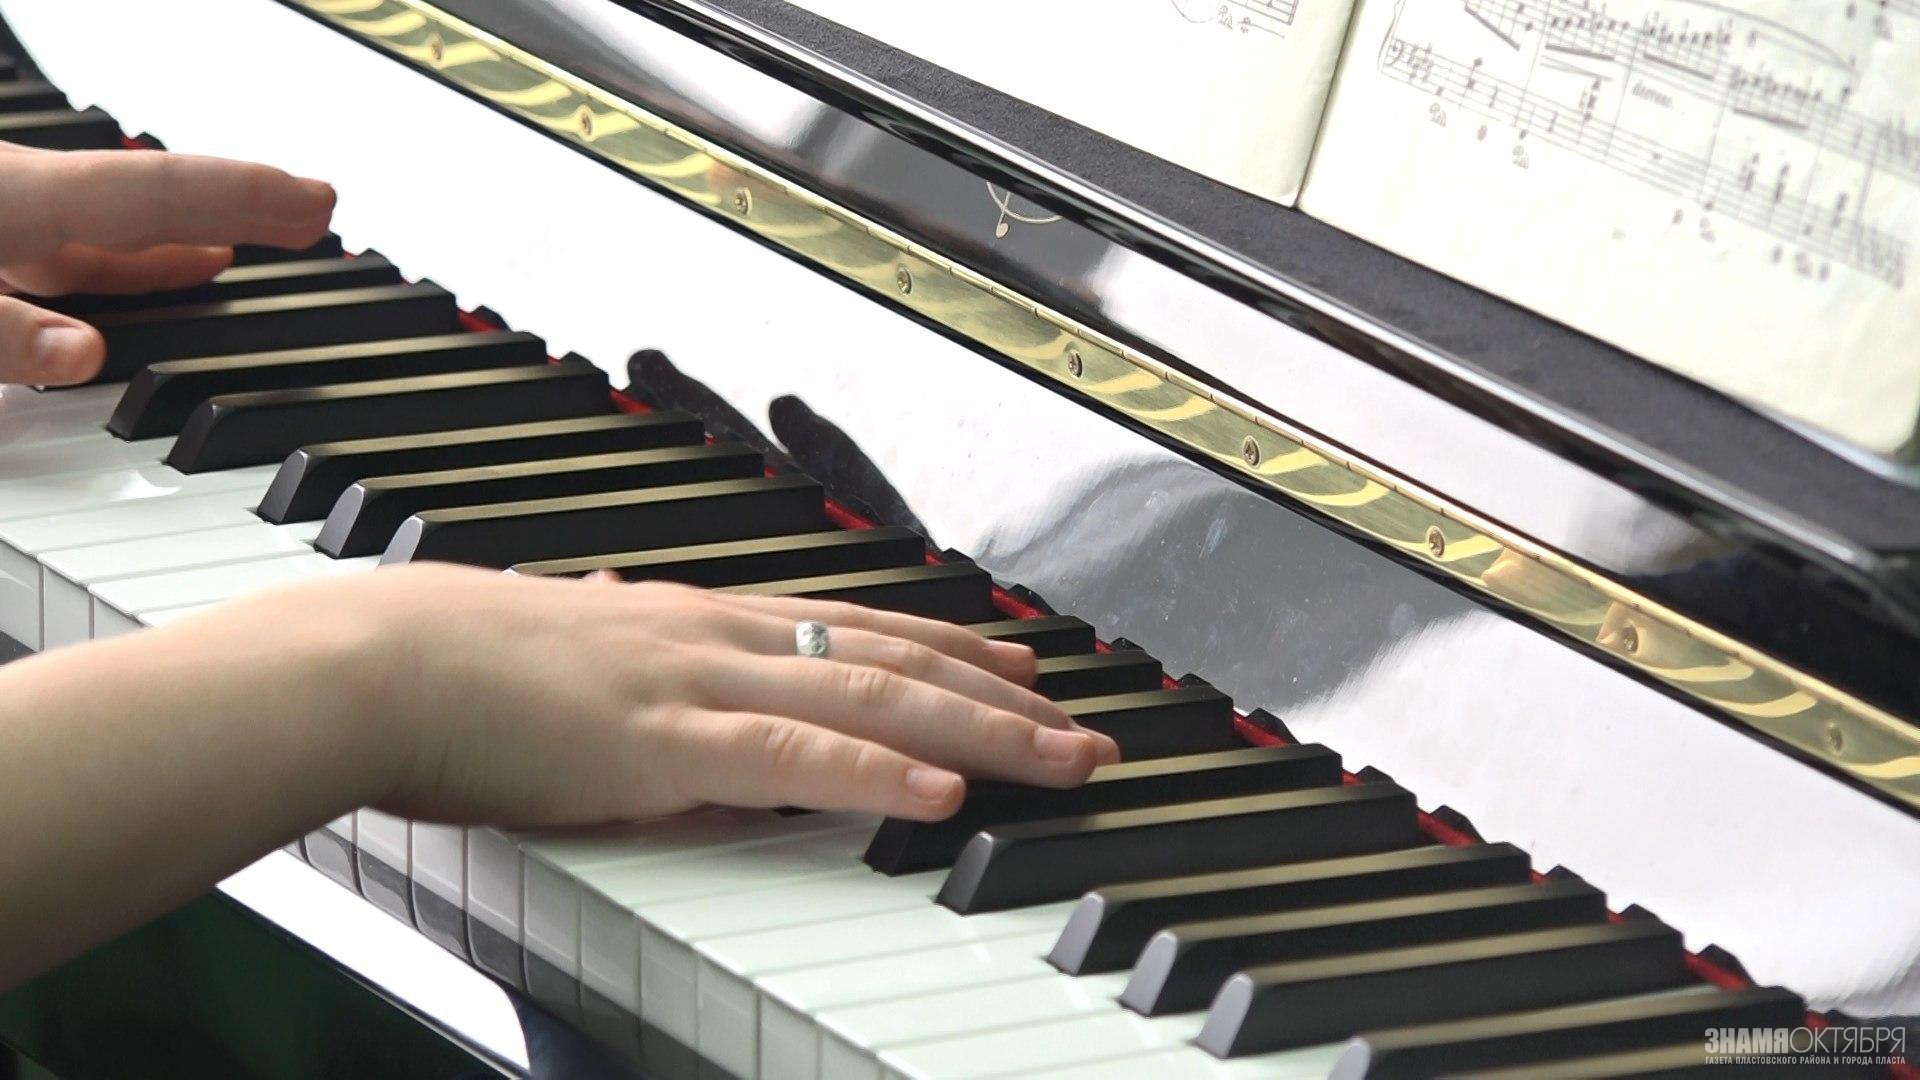 Восемьдесят девять новых пианино получат в этом году музыкальные школы Челябинской области.